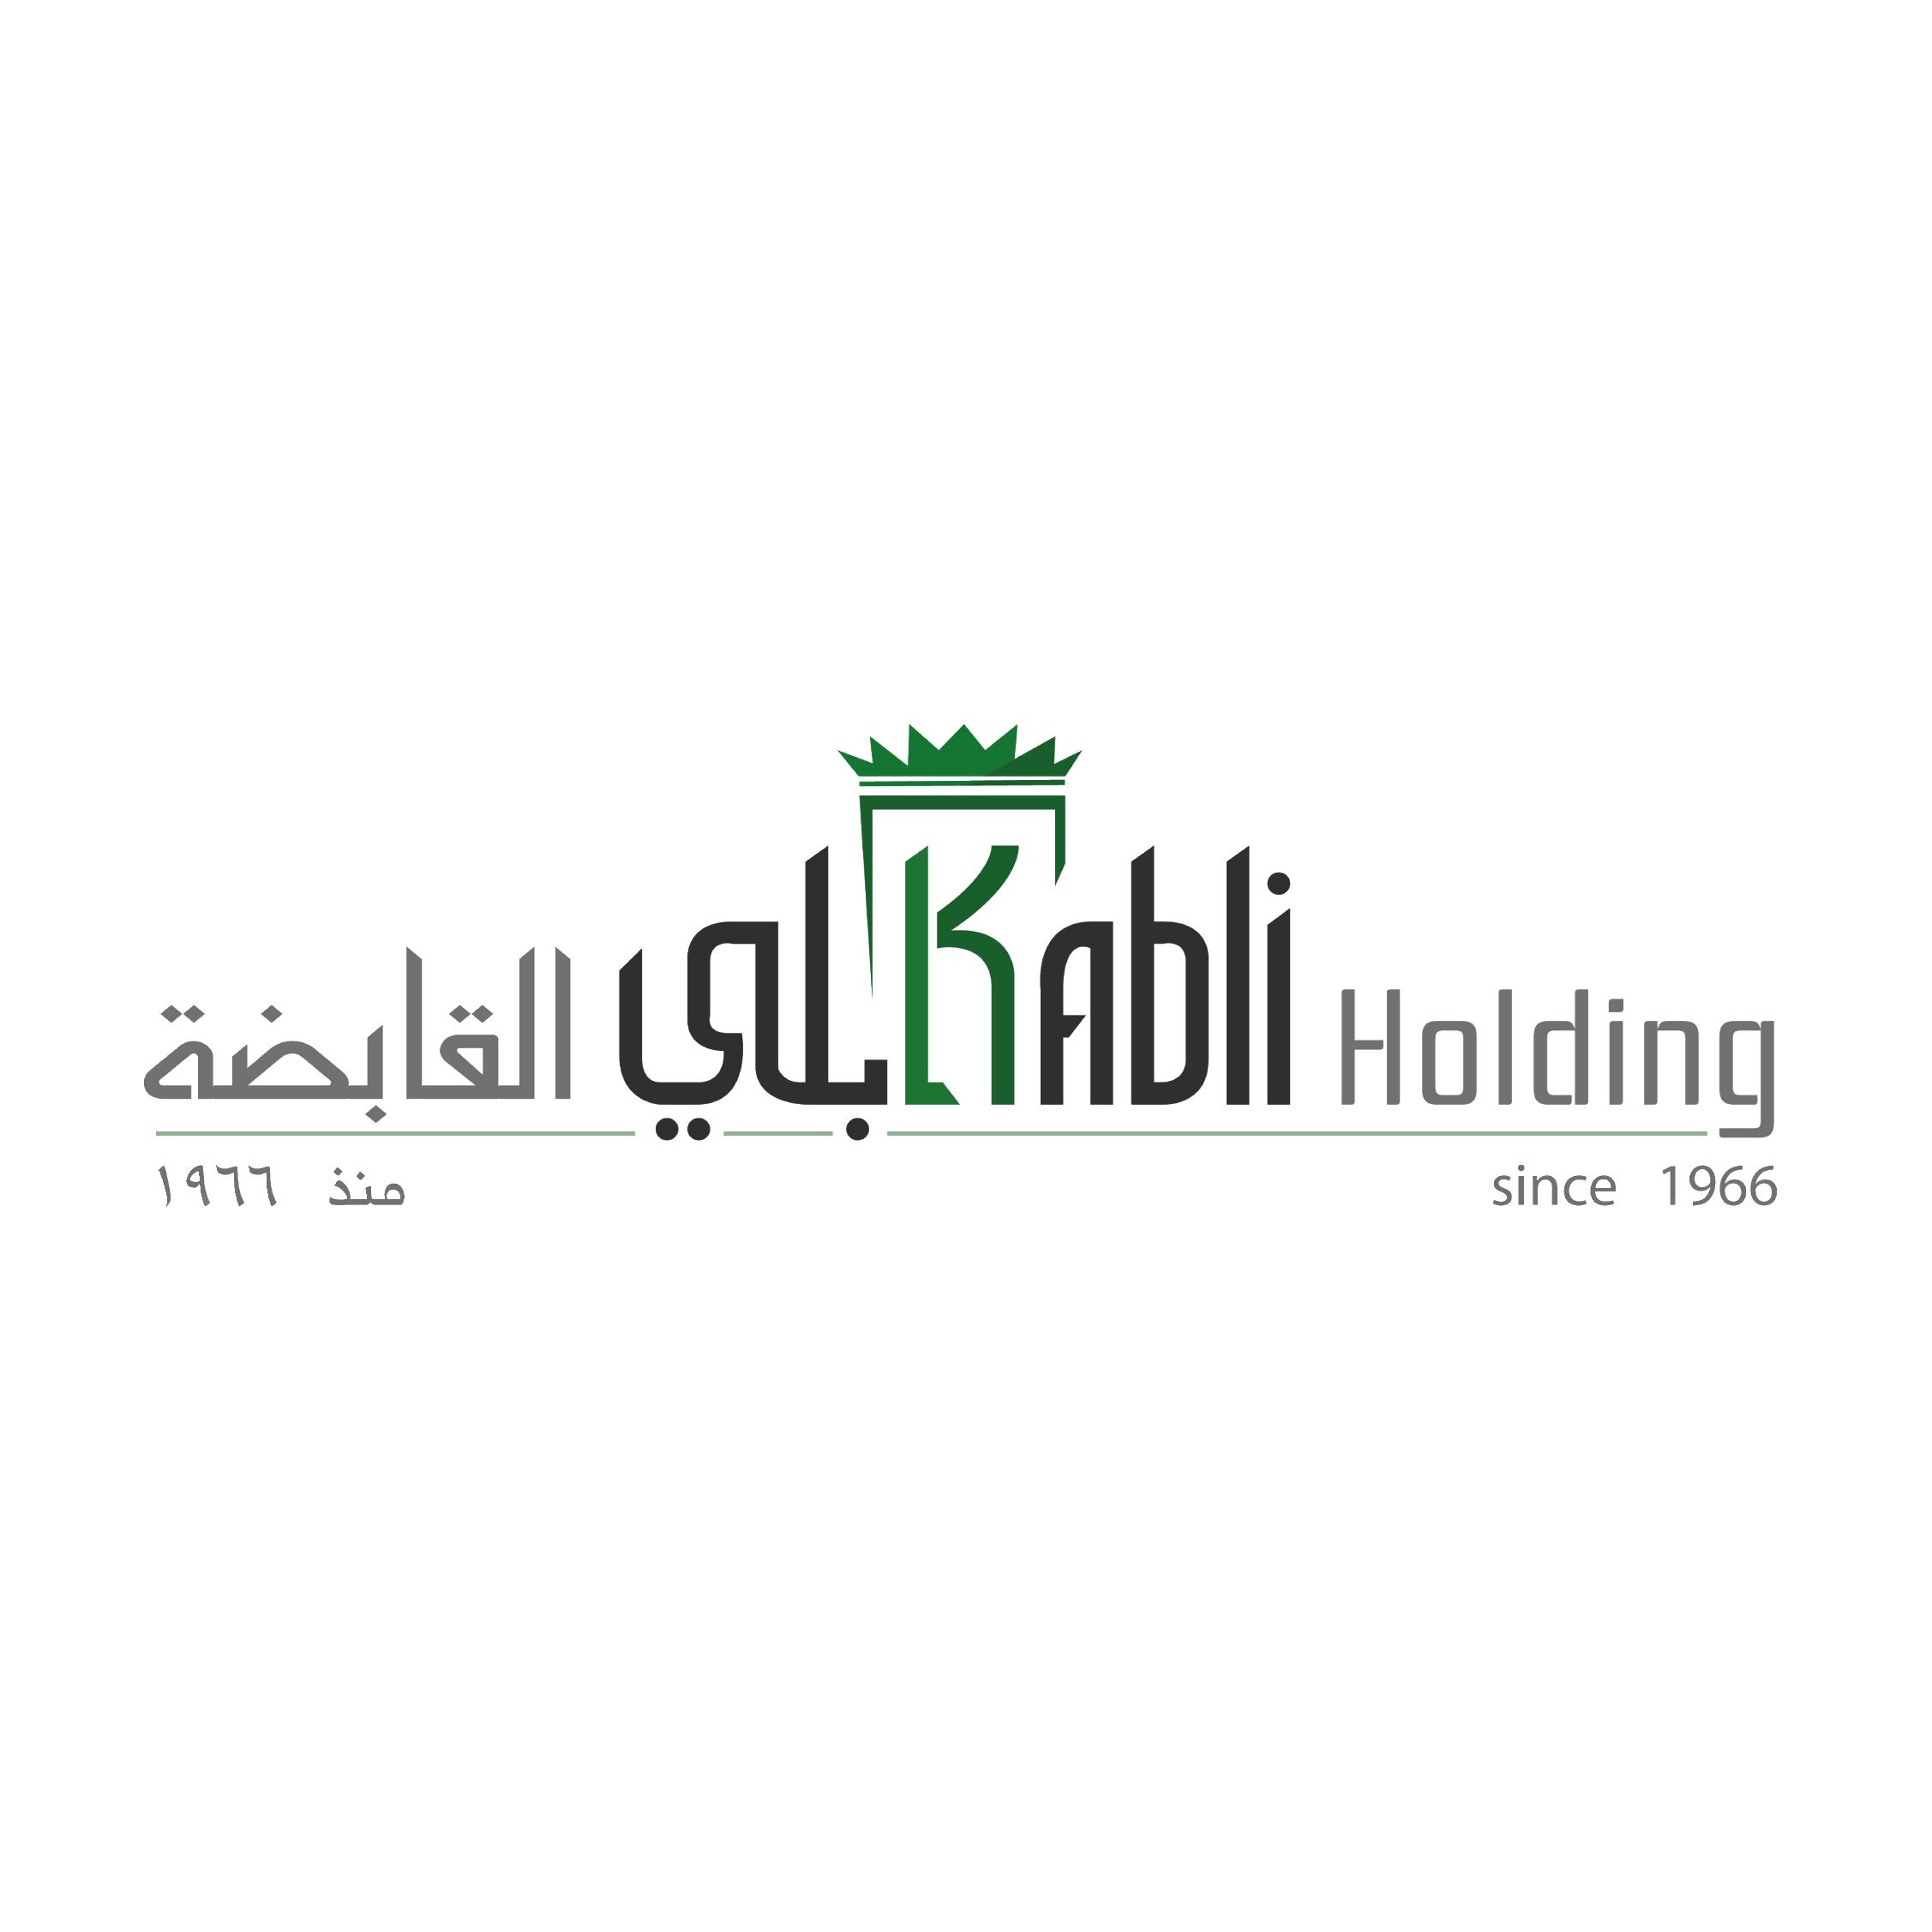 Al Kabli Holdings